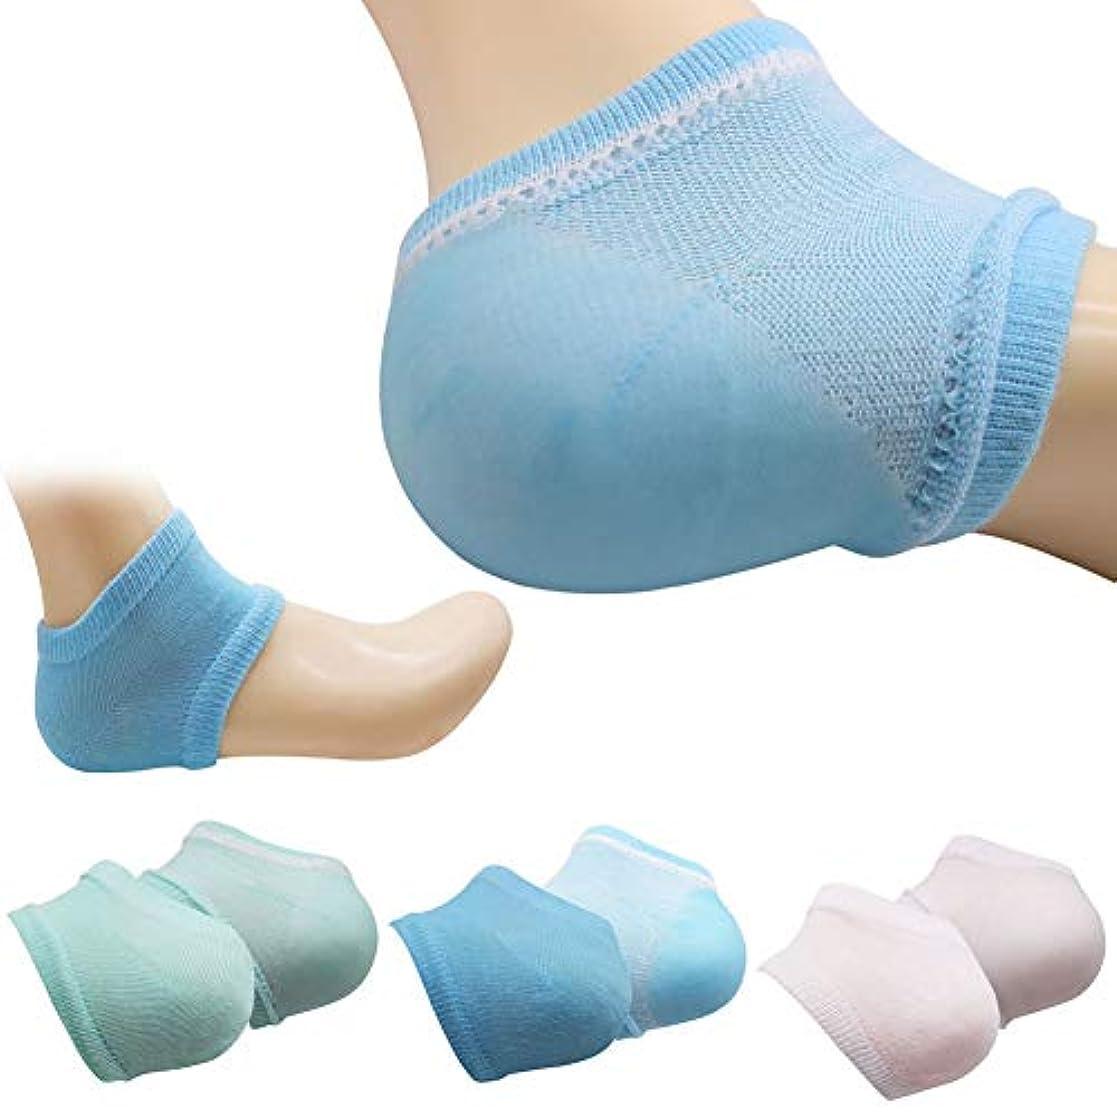 ブラザーコントロール毎回K&TIME かかと 保湿ソックス かかと 靴下 ソックス かかとケア 靴下 角質ケア 滑らか スベスベ ツルツル ひび割れ ジェル 靴下 美容 足SPA 足ケア レディース フリーサイズ 3足セット